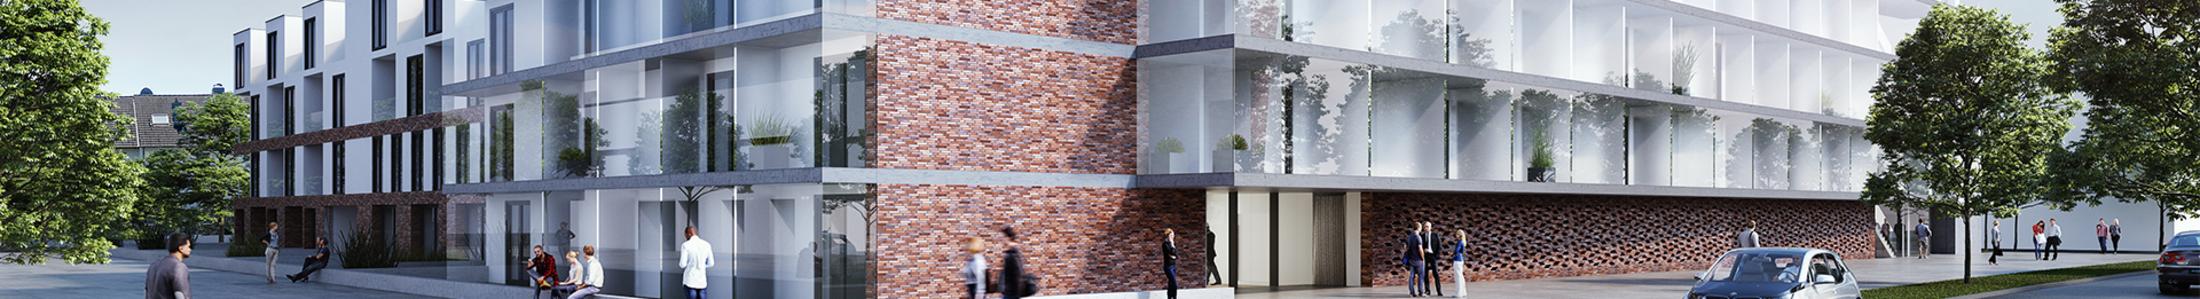 Quelle: Nebel Pössl Architekten GmbH